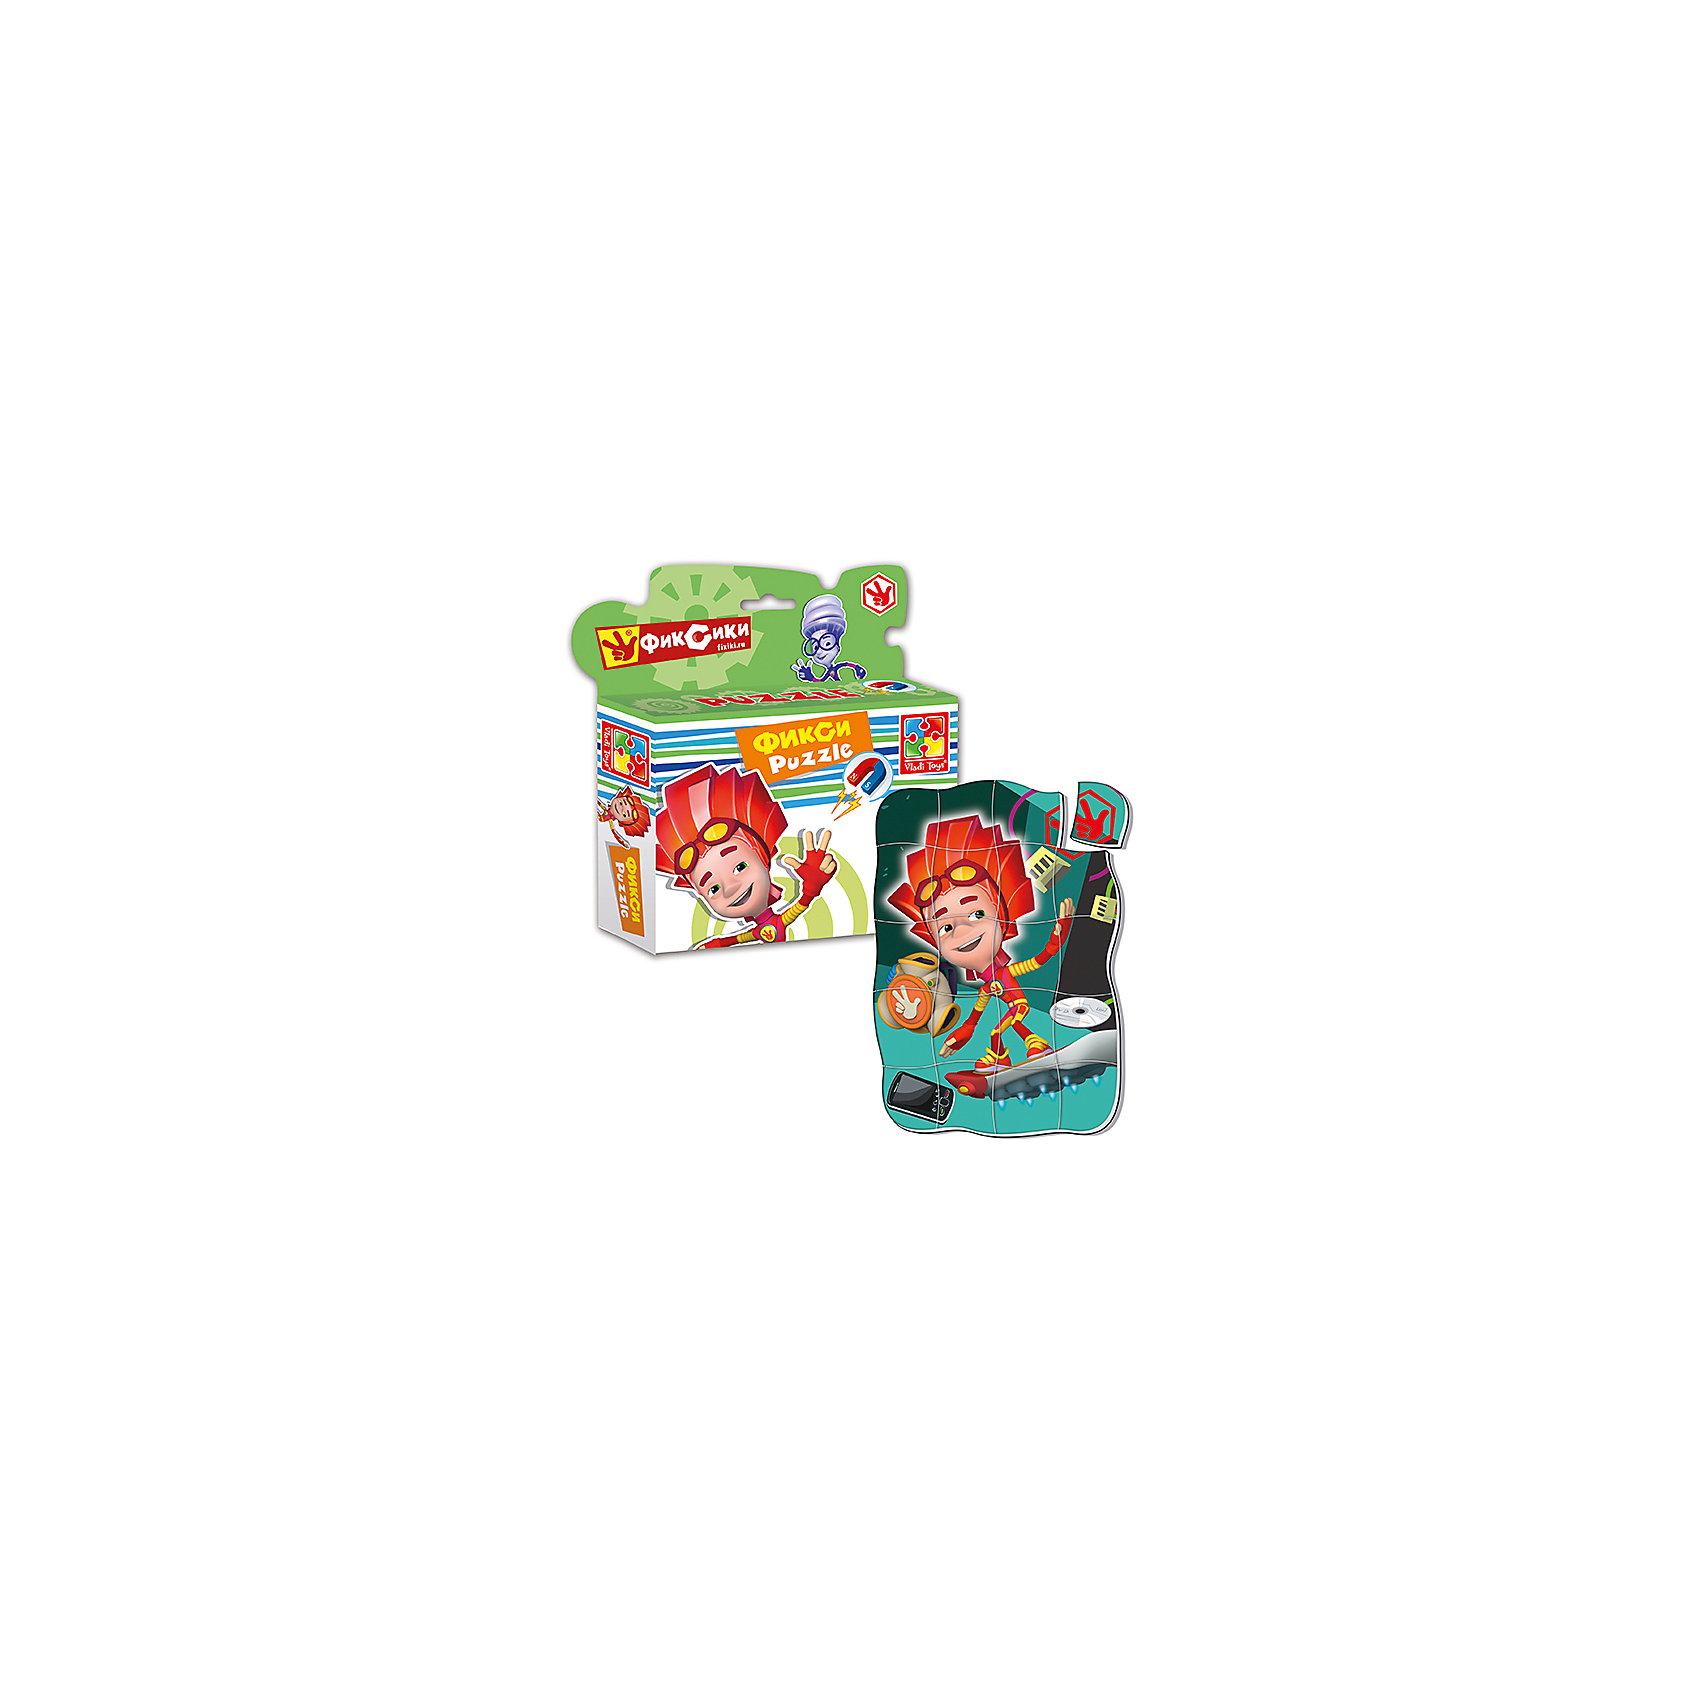 Магнитные фигурные пазлы Файер, Фиксики, , Vladi ToysПазлы для малышей<br>Характеристики:<br><br>• Вид игр: развивающие<br>• Серия: пазлы-магниты<br>• Пол: универсальный<br>• Материал: полимер, картон, магнит<br>• Цвет: красный, оранжевый, зеленый и др.<br>• Комплектация: 1 пазл из 20-ти элементов<br>• Размеры (Д*Ш*В): 16,5*4*19,5 см<br>• Тип упаковки: картонная коробка<br>• Вес: 94 г<br><br>Пазлы на магните Файер, Фиксики, Vladi Toys, производителем которых является компания, специализирующаяся на выпуске развивающих игр, давно уже стали популярными среди аналогичной продукции. Мягкие пазлы – идеальное решение для развивающих занятий с самыми маленькими детьми, так как они разделены на большие элементы с крупными изображениями, чаще всего в качестве картинок используются герои популярных мультсериалов. Самое важное в пазле для малышей – это минимум деталей и безопасность элементов. Все используемые в производстве материалы являются экологически безопасными, не вызывают аллергии, не имеют запаха. Пазлы на магните Файер, Фиксики, Vladi Toys представляет собой сюжетную картинку, которая состоит из 20-и крупных элементов с изображением Файер. <br>Занятия с мягкими пазлами от Vladi Toys способствуют развитию не только мелкой моторики, но и внимательности, усидчивости, терпению при достижении цели. Кроме того, по собранной картинке можно составлять рассказ, что позволит развивать речевые навыки, память и воображение.<br><br>Пазлы на магните Файер, Фиксики, Vladi Toys можно купить в нашем интернет-магазине.<br><br>Ширина мм: 165<br>Глубина мм: 45<br>Высота мм: 195<br>Вес г: 94<br>Возраст от месяцев: 24<br>Возраст до месяцев: 60<br>Пол: Унисекс<br>Возраст: Детский<br>SKU: 5136090